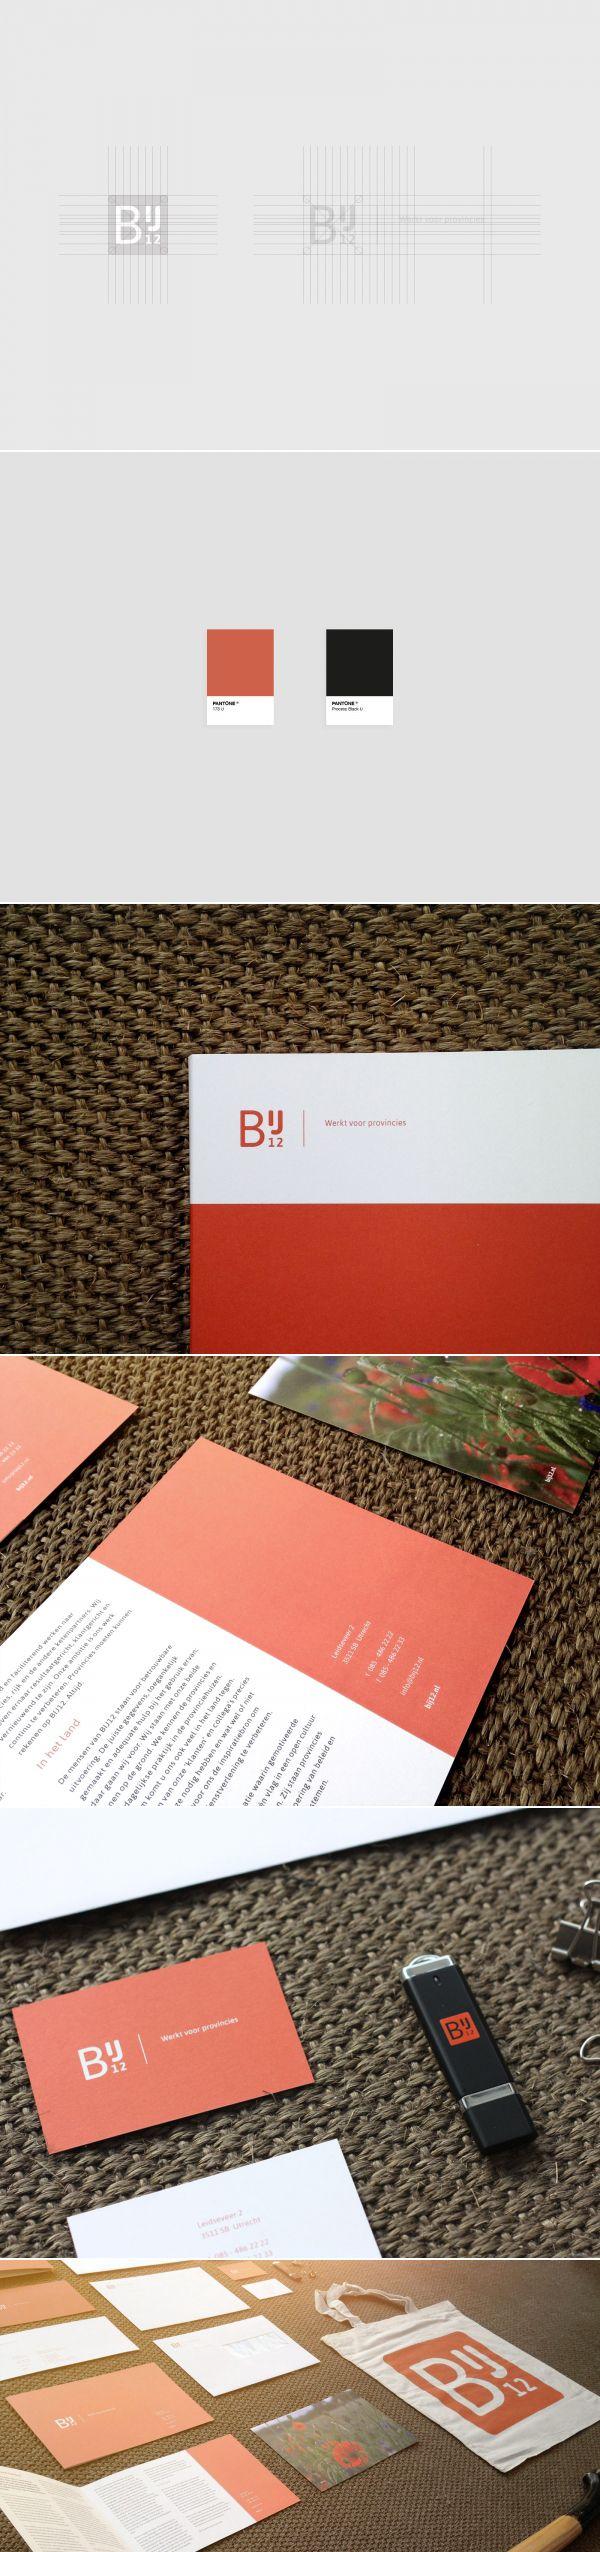 Opdracht: ontwikkeling van de visuele identiteit ter ondersteuning van de 'uitvoeringsorganisatie' die BIJ12 zal worden.